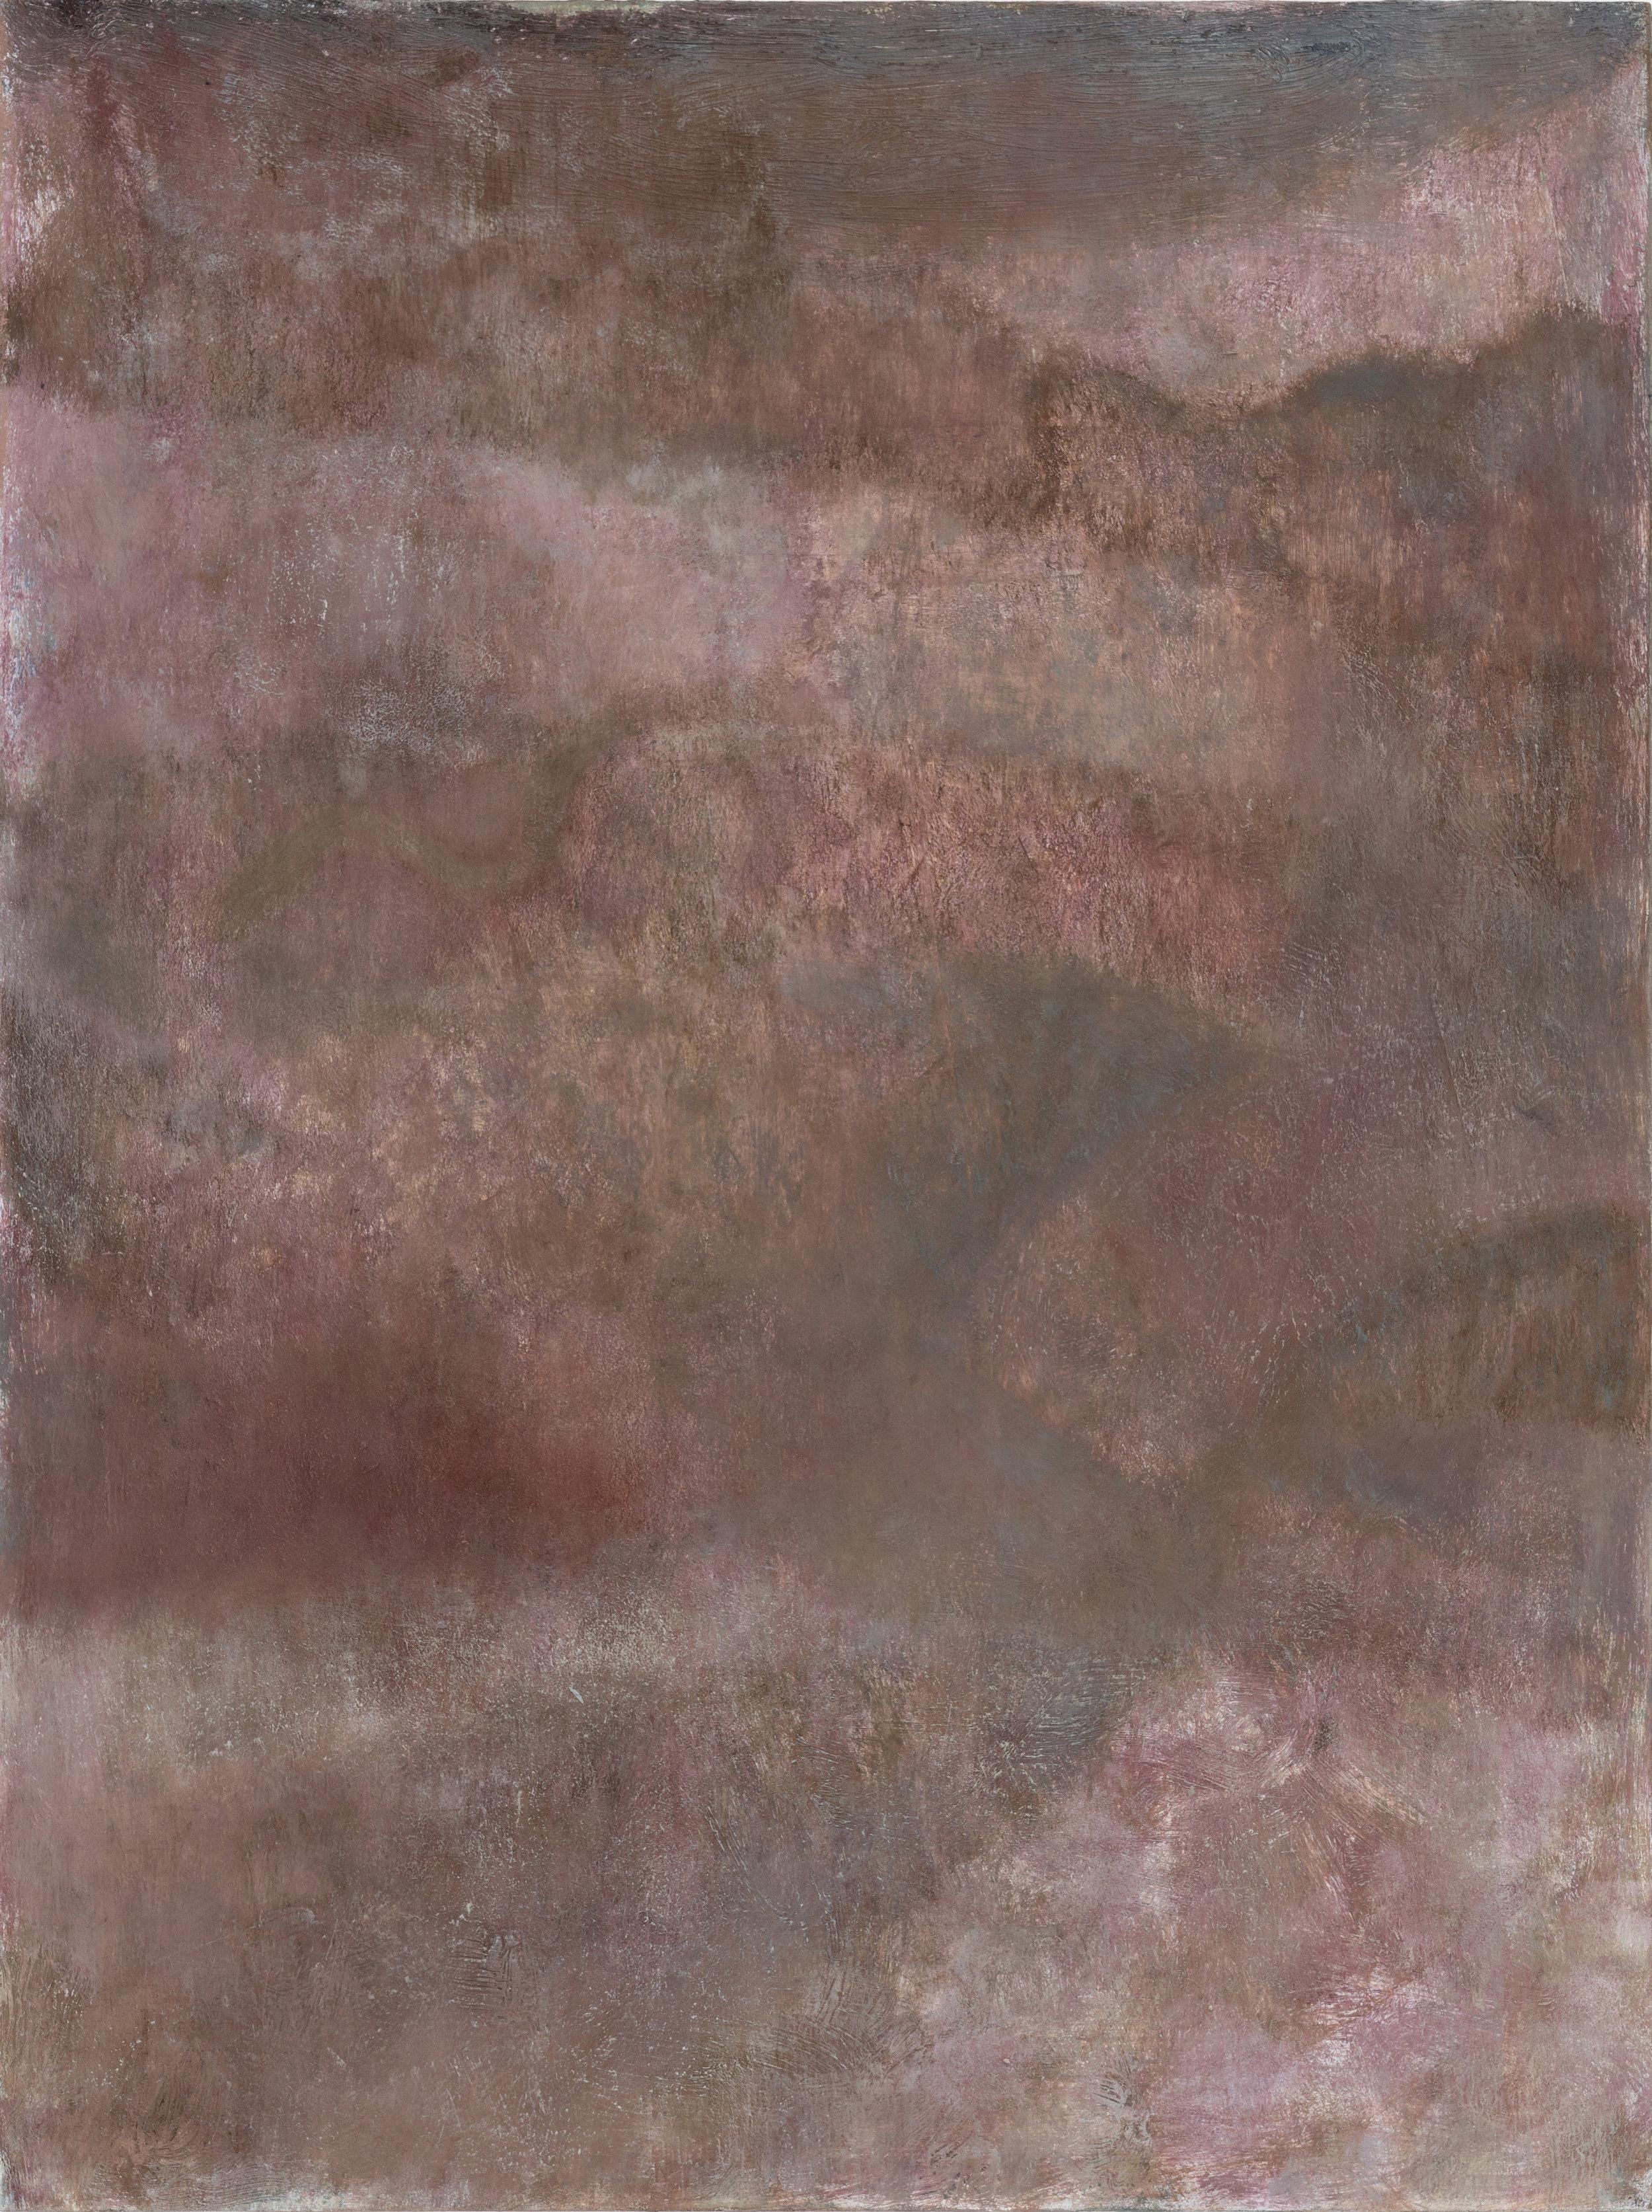 """Laurence Pilon,  Smoky Fog,  2018, huile sur panneau, 41 x 30 cm (16"""" x 12"""")"""